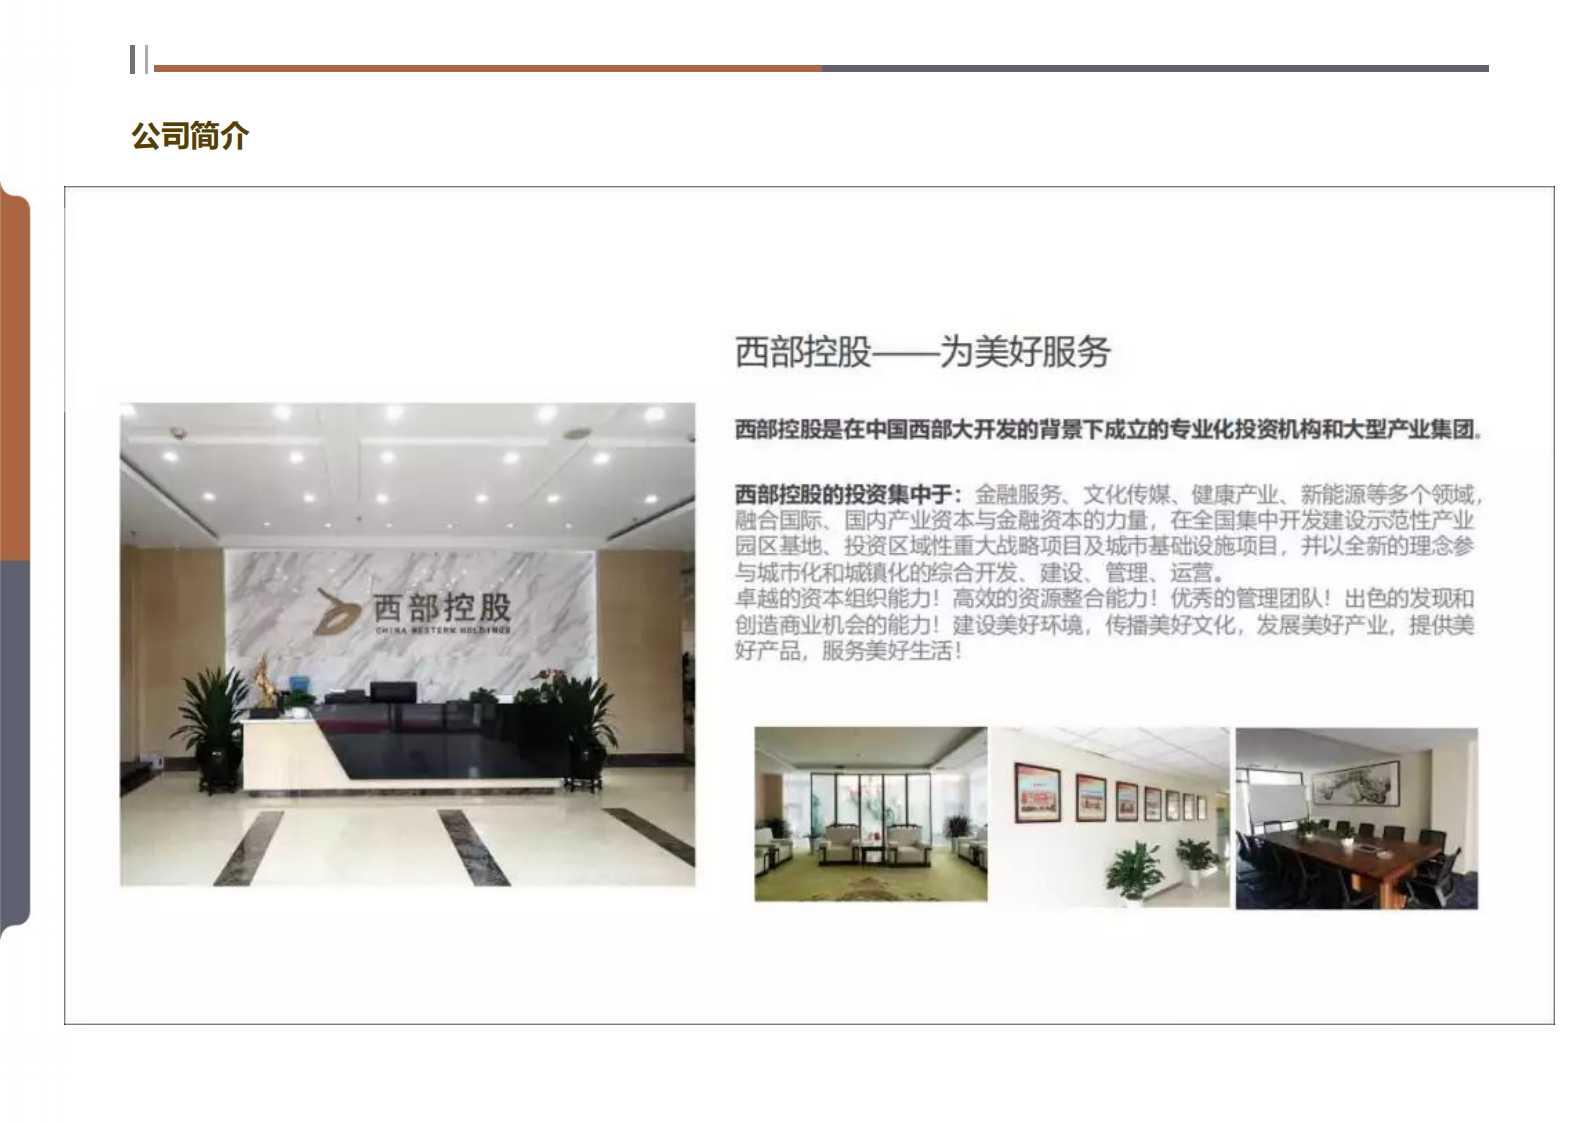 钦州坭兴陶特色小镇项目简介(4)_32.png